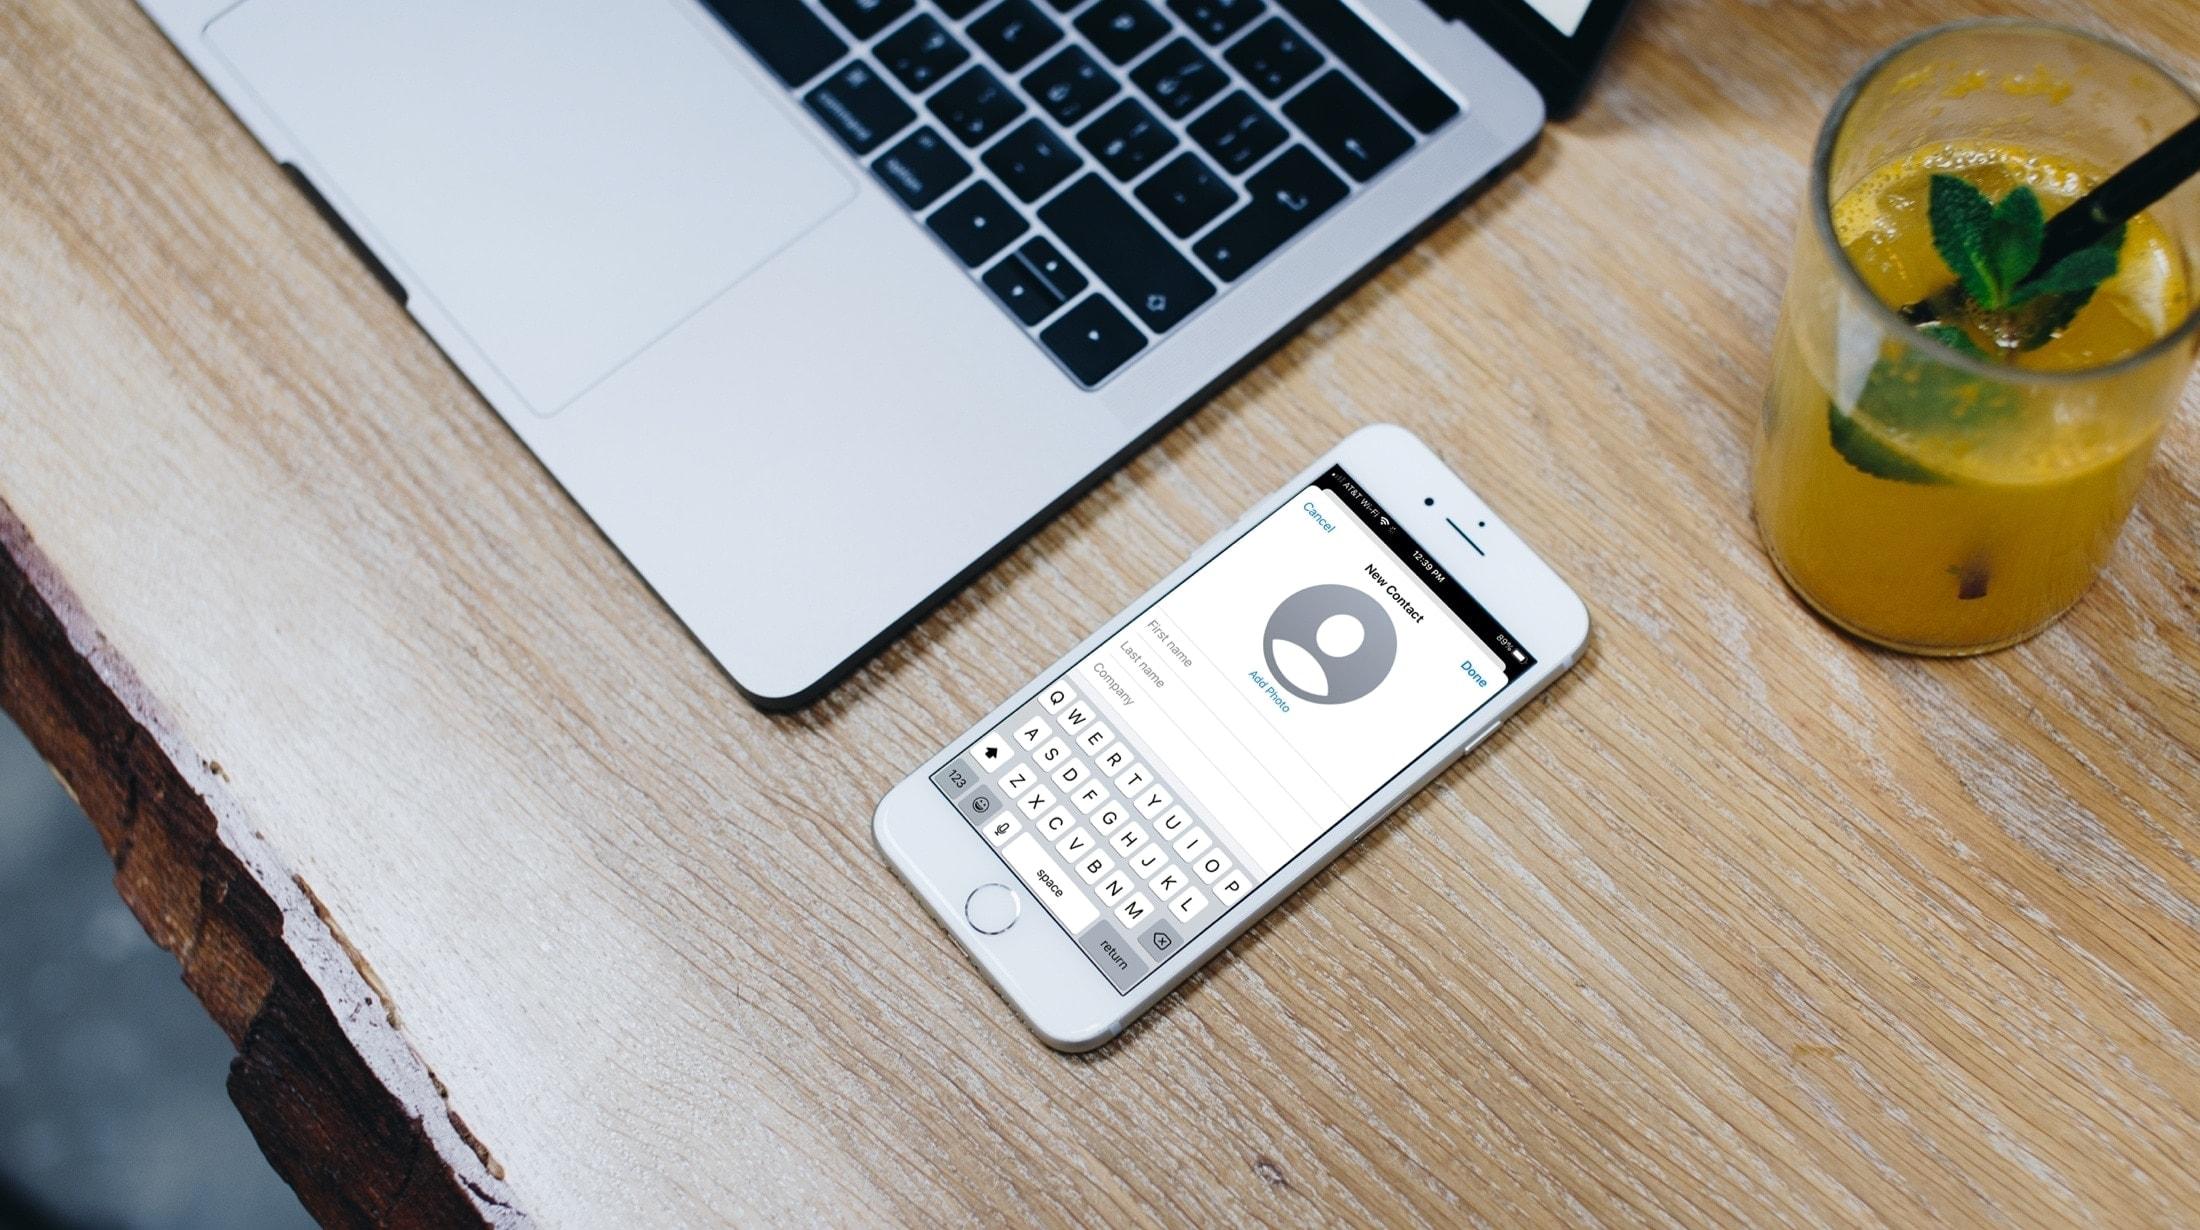 Kontakter app iPhone Ny kontakt